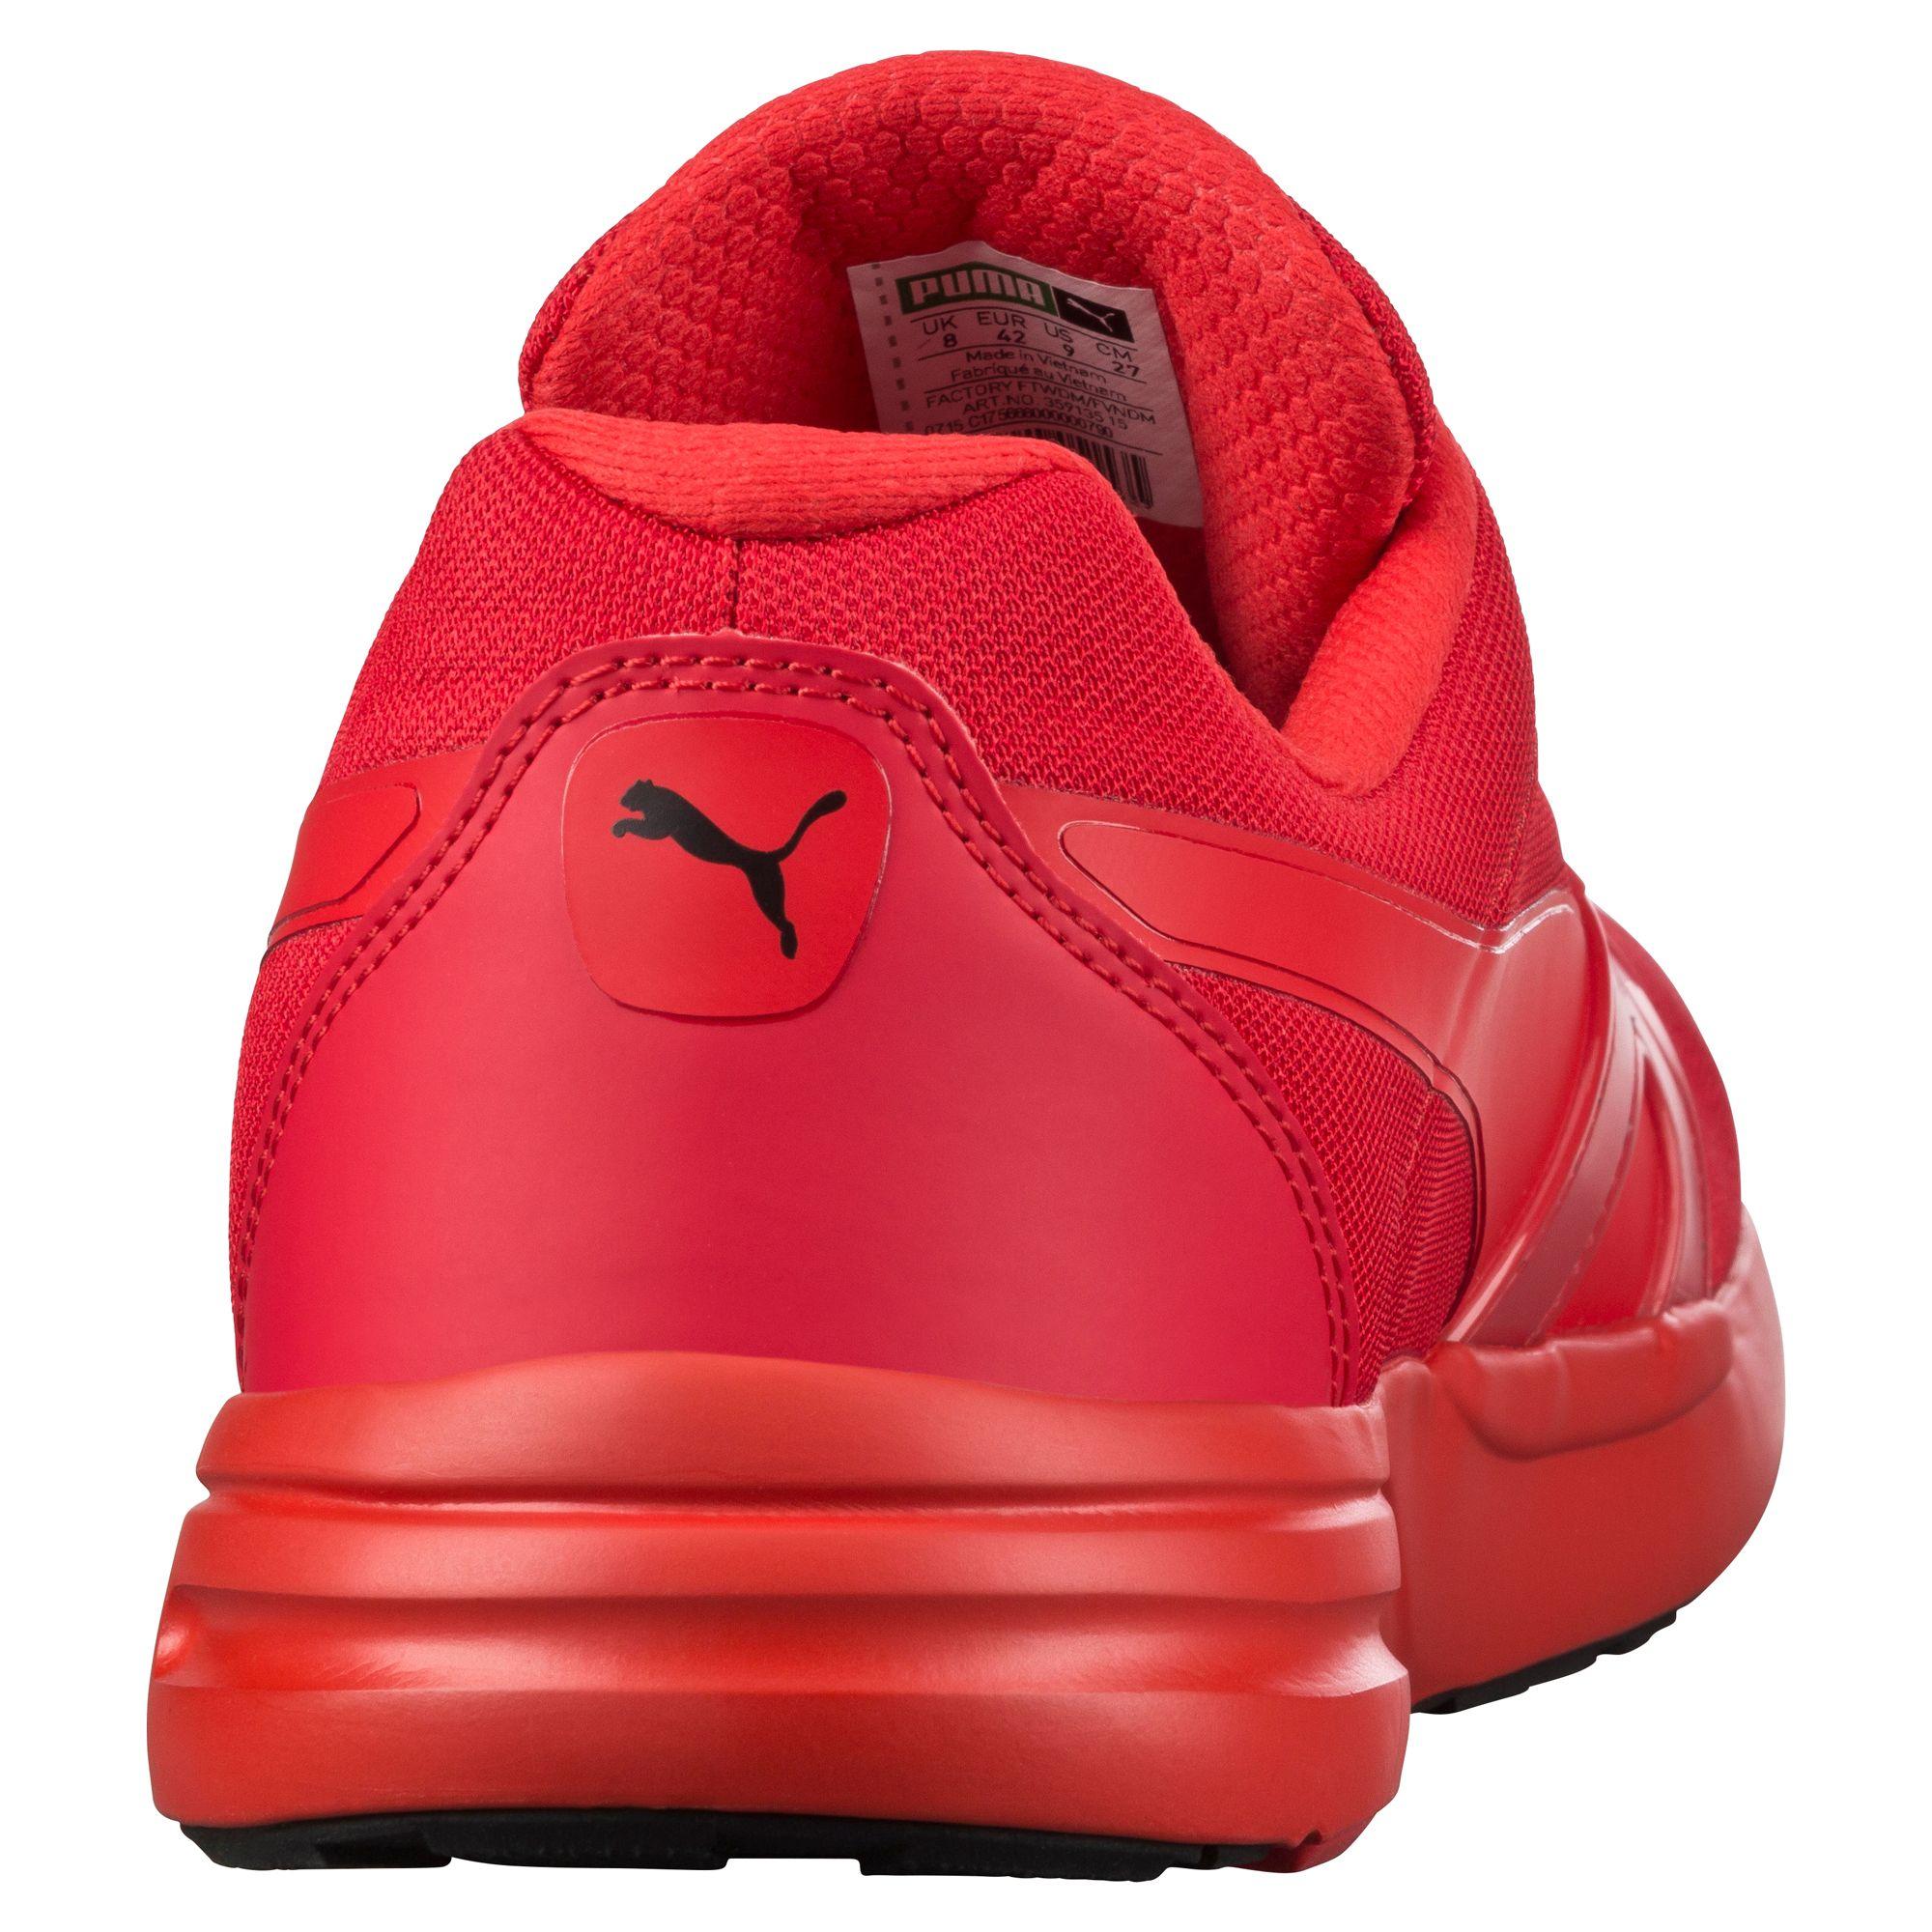 3c3a421c6d62 PUMA Evolution Trinomic XT S Trainers Footwear Sneakers Evolution ...